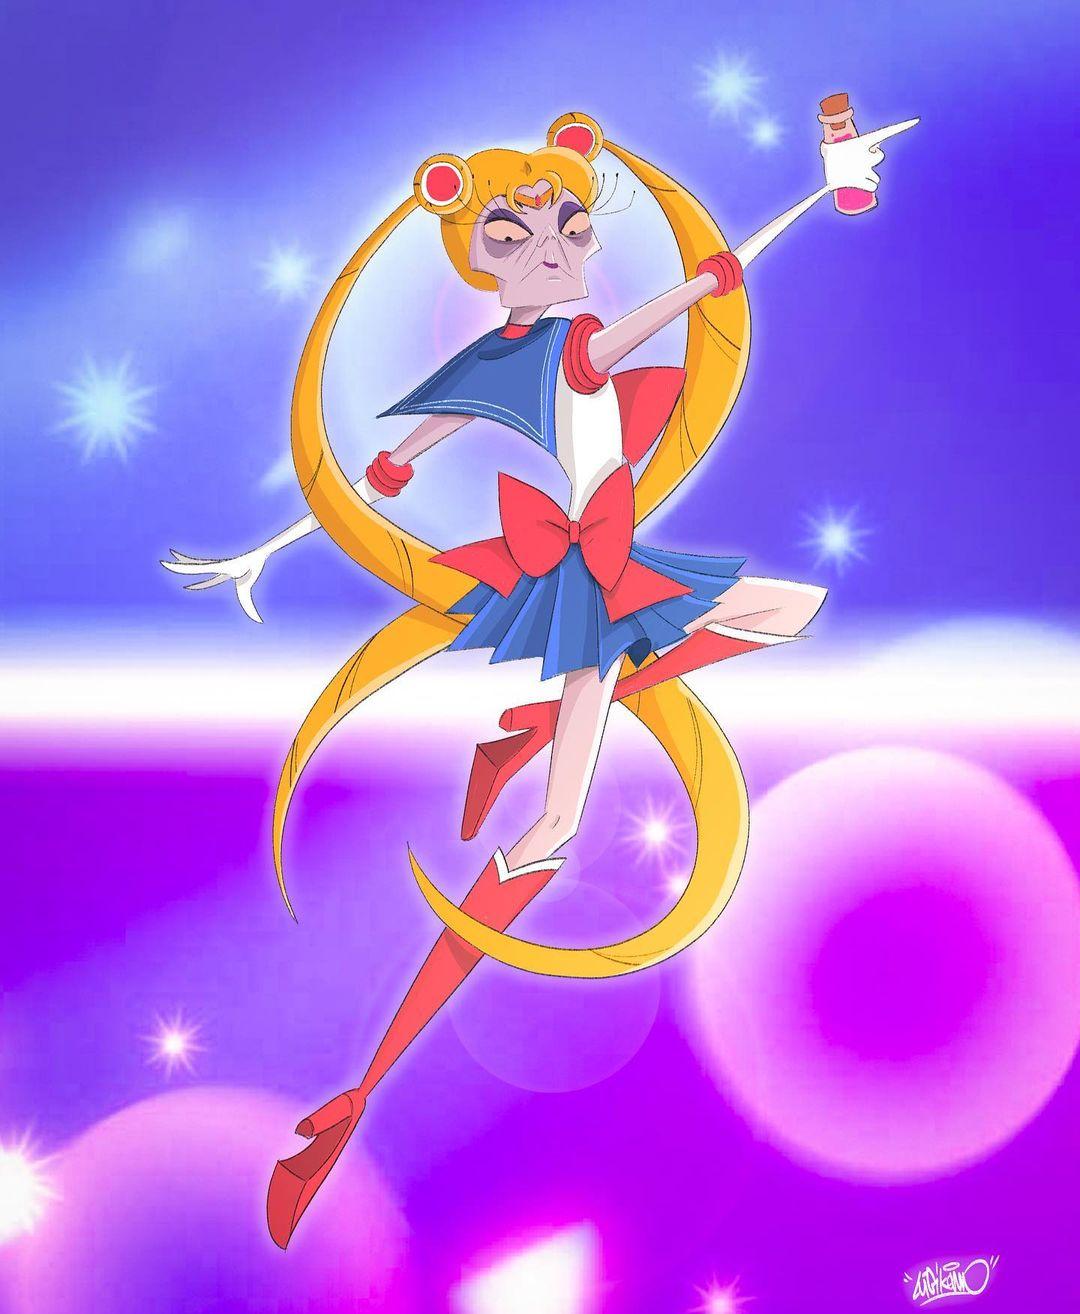 Sailor Moon: Fanart realiza un gran crossover entre los villanos de Disney y las Sailor Scout